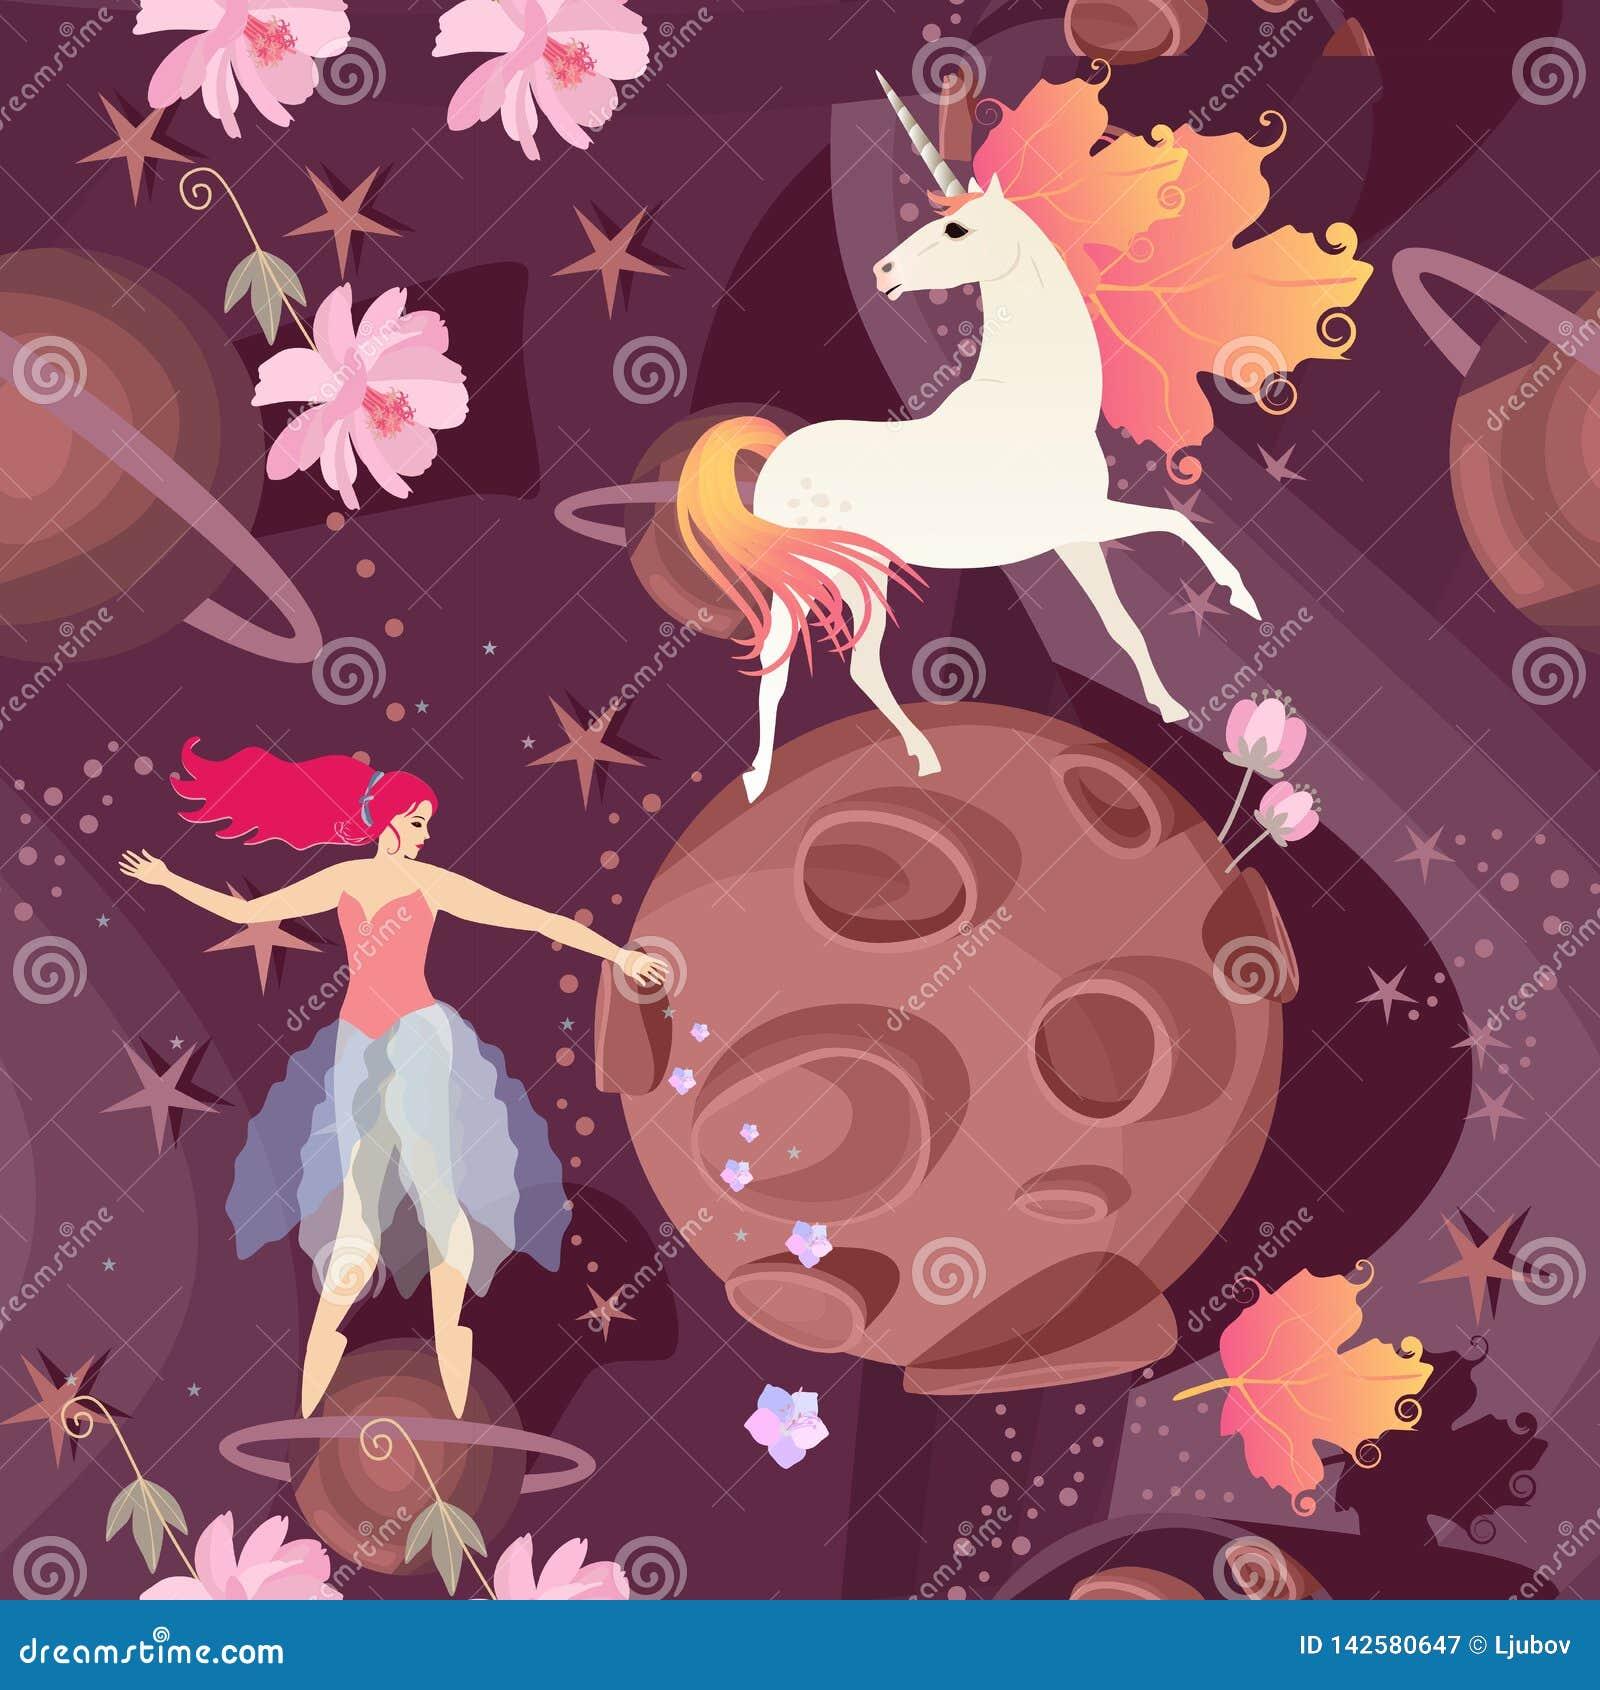 Naadloos patroon met feeballerina en leuke eenhoorn met manen in vorm van de herfstbladeren op achtergrond van kosmisch landschap